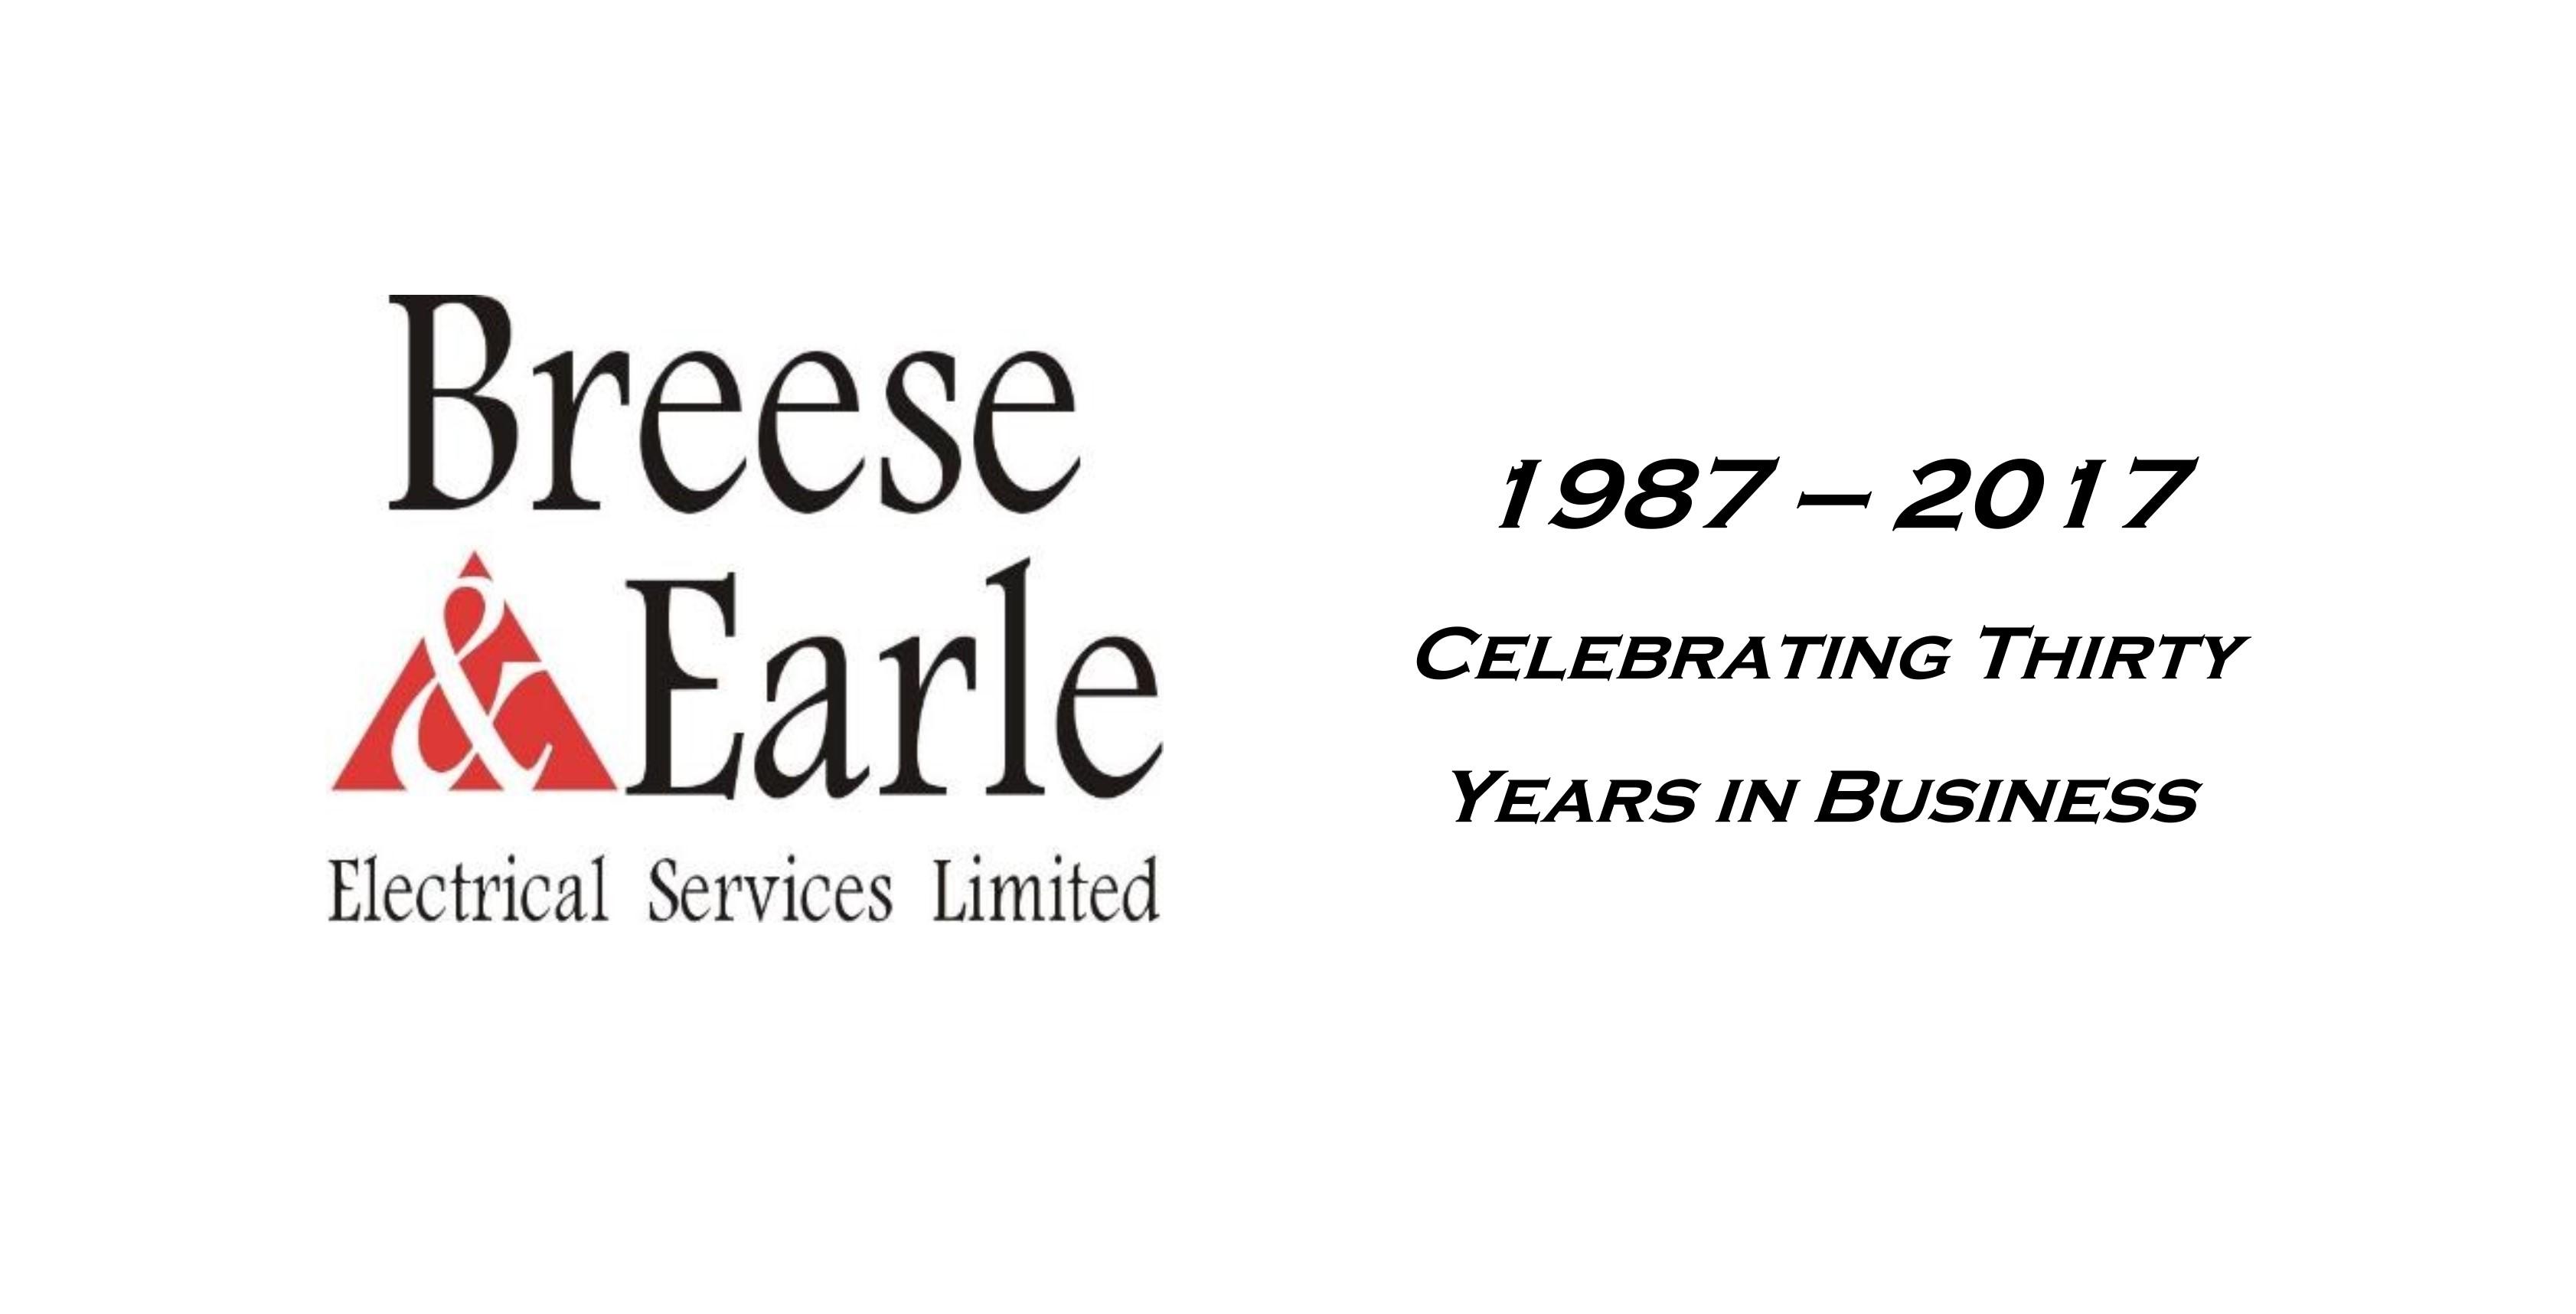 1987 - 2017 Copy